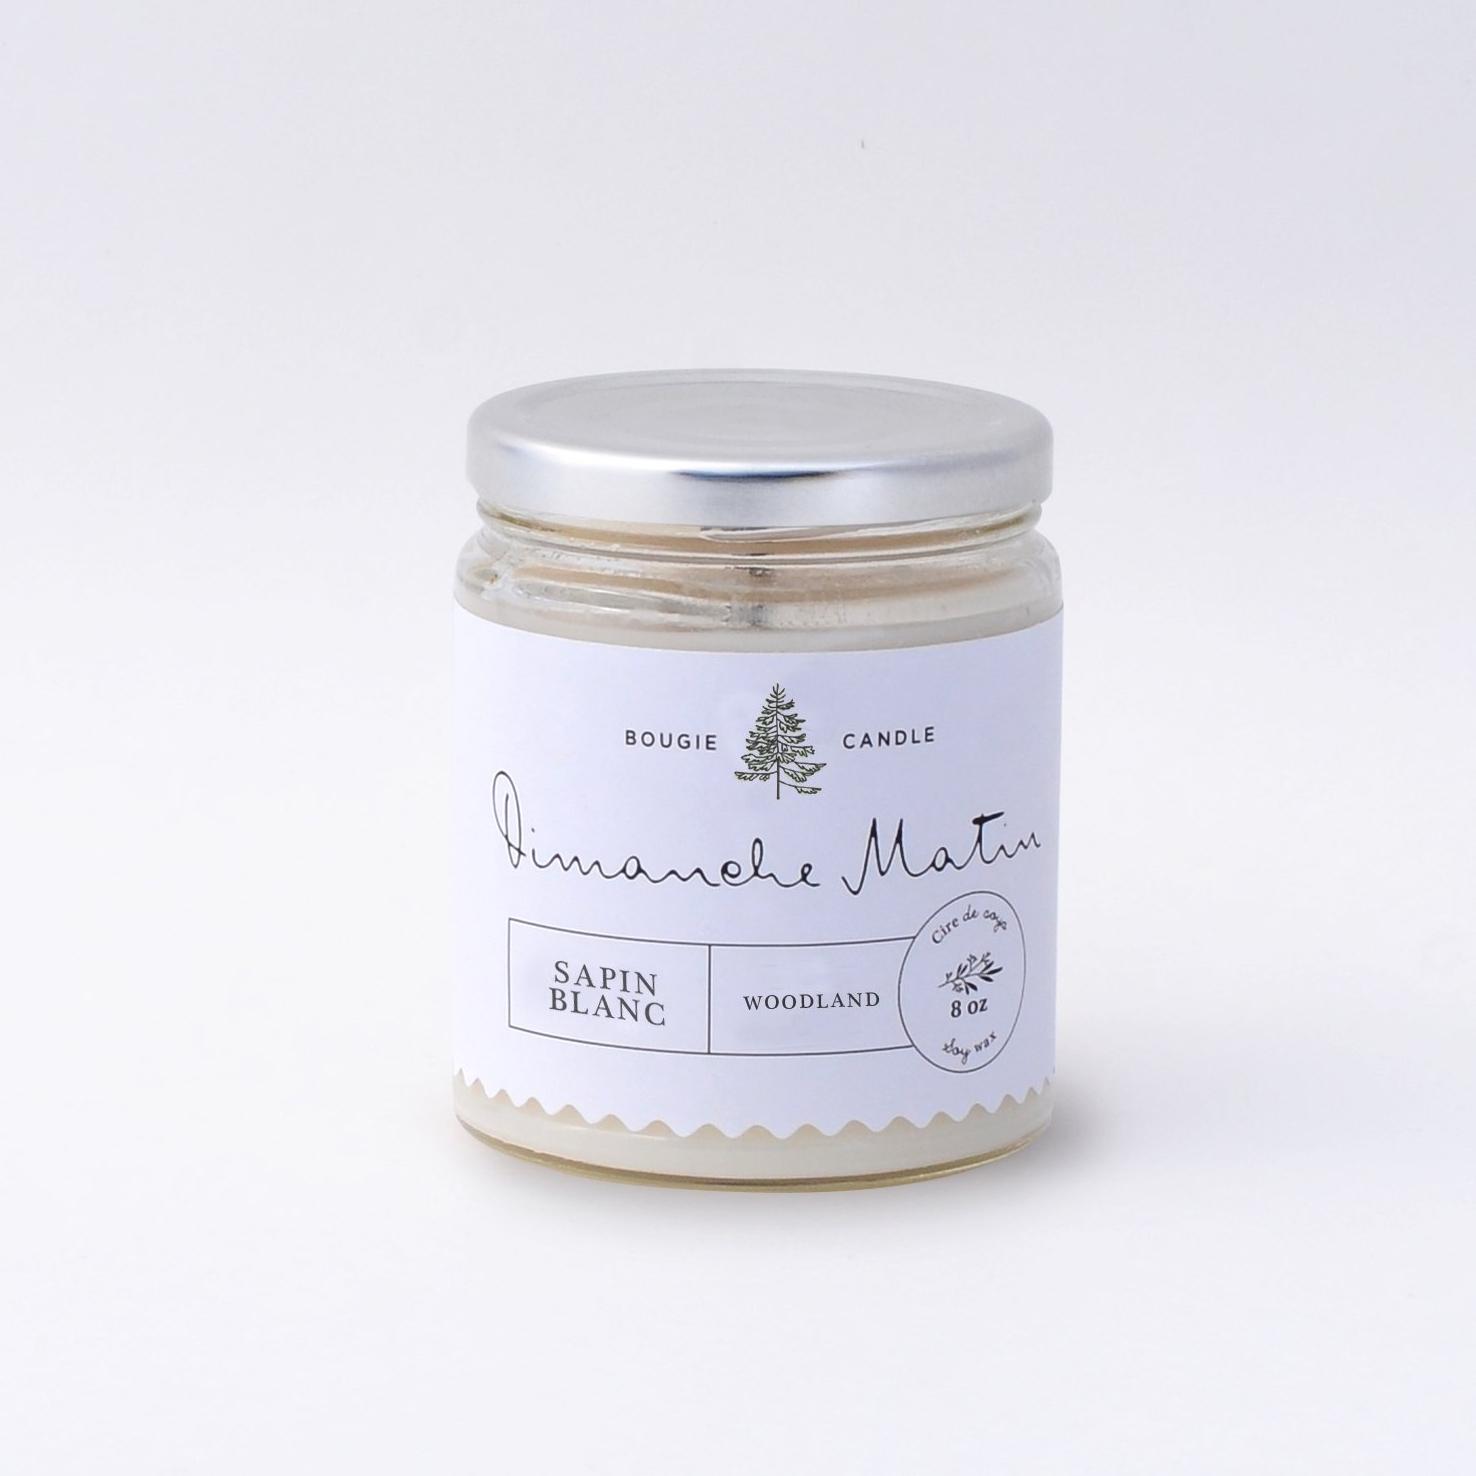 Bougie – Sapin blanc